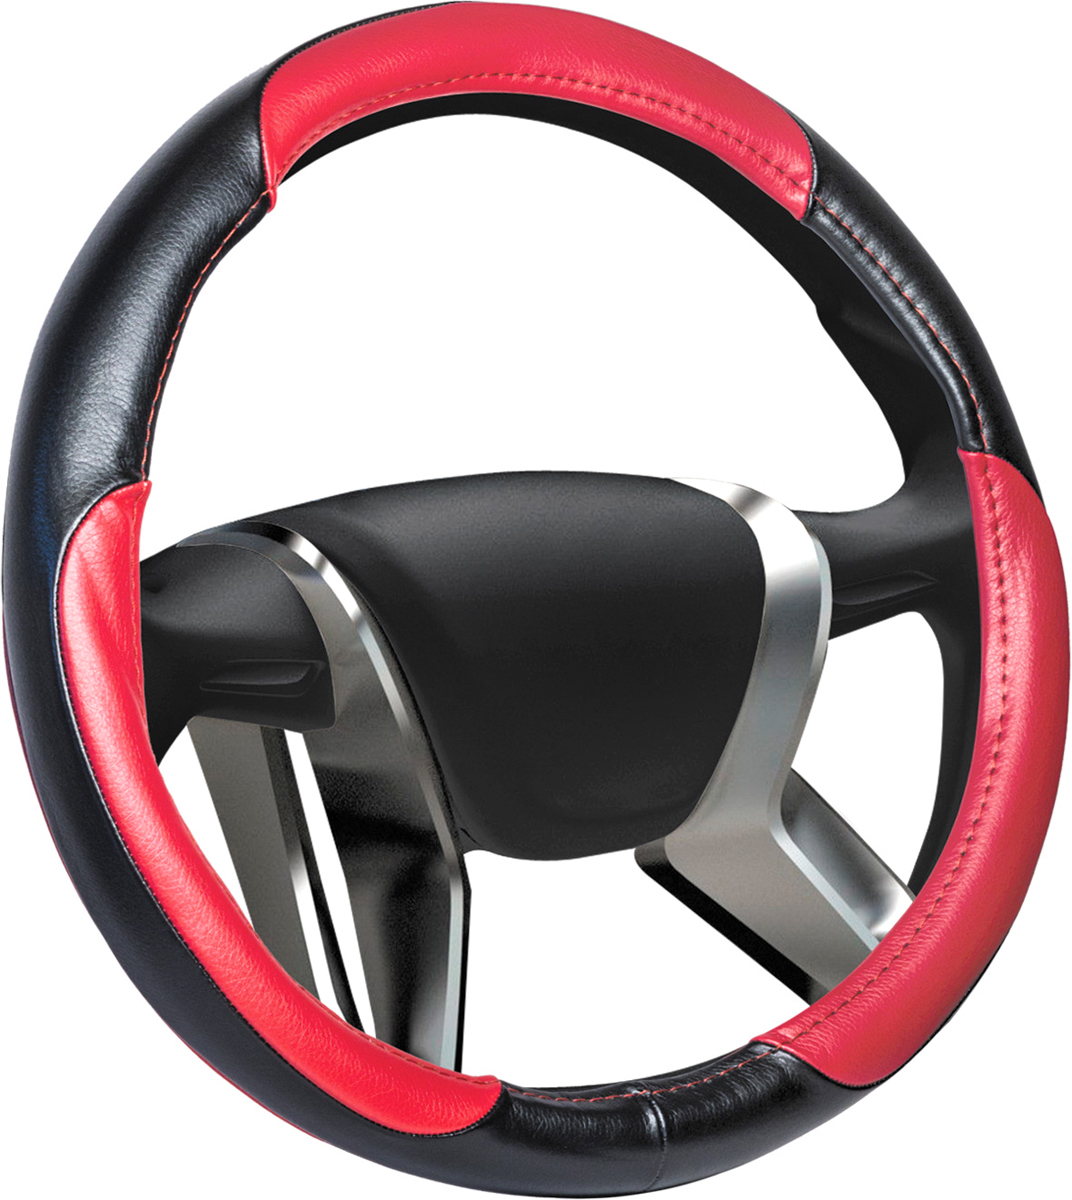 Оплетка на руль Azard Leather, натуральная кожа, цвет: красный, диаметр 42 см. Размер XL handle cpr azard vaz 2110 12 frame нат leather silver kpp00067